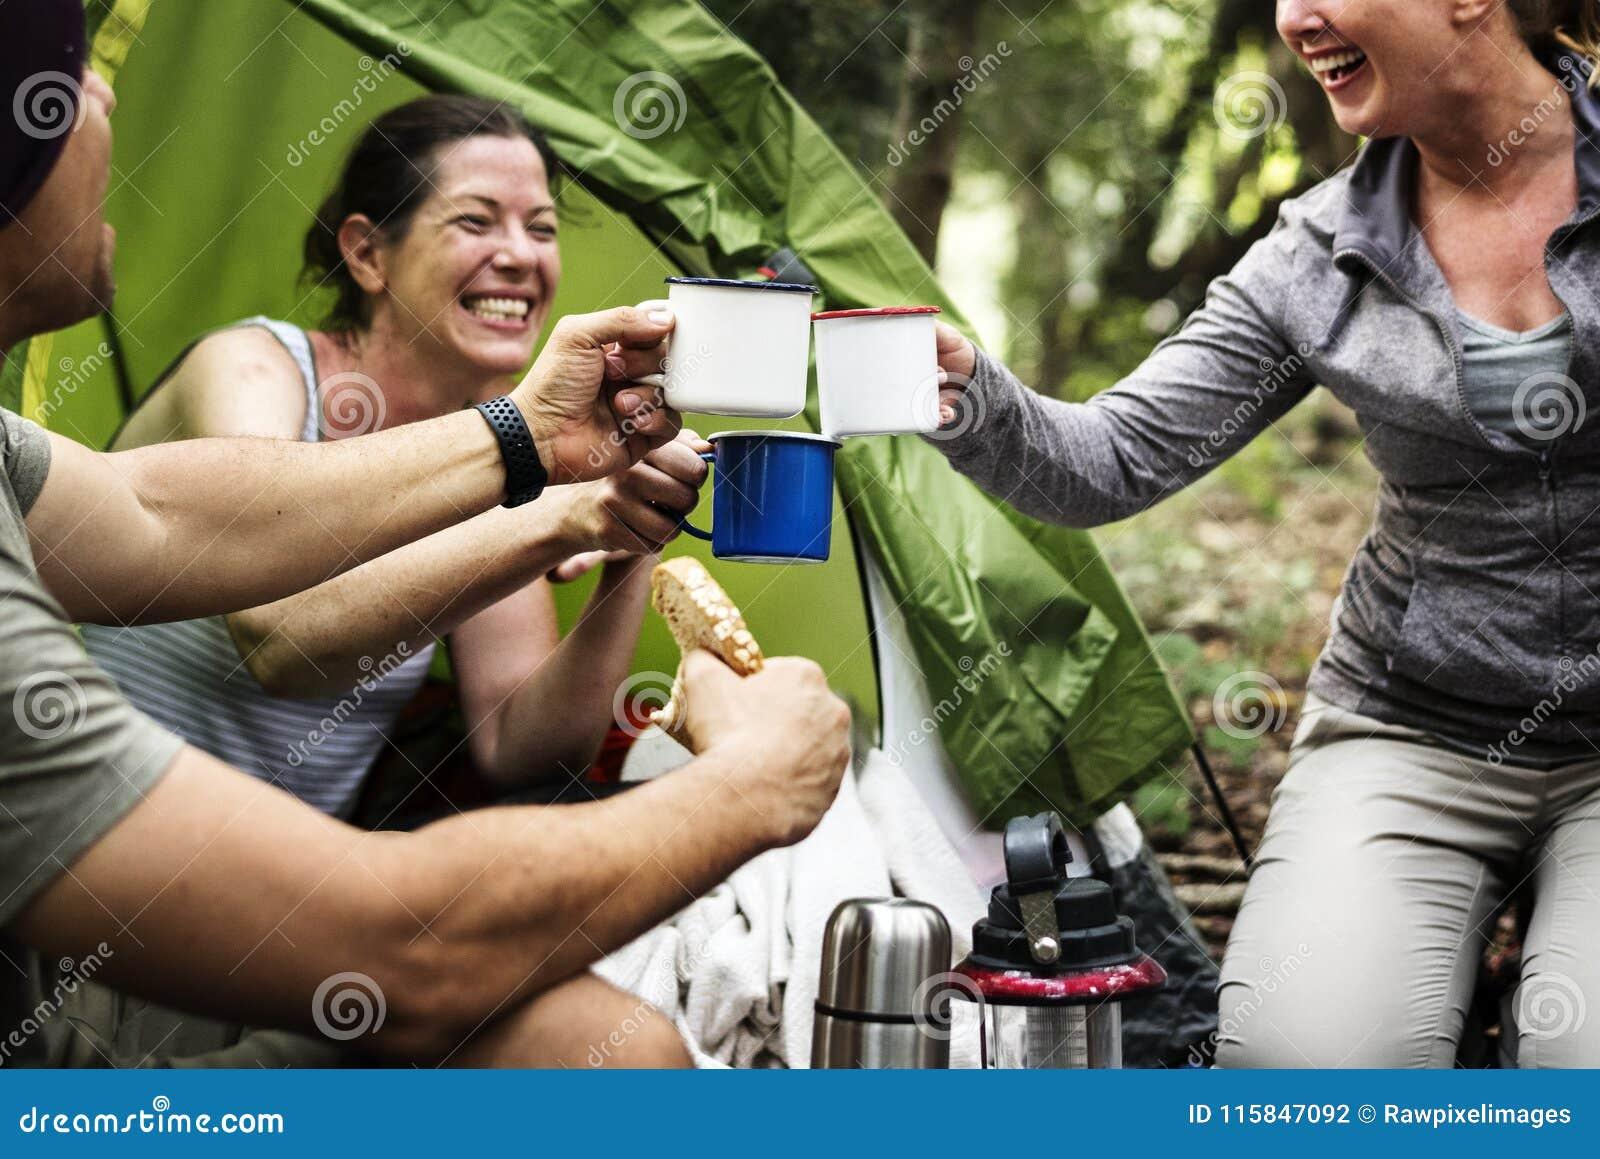 Grupa przyjaciele obozuje w lesie